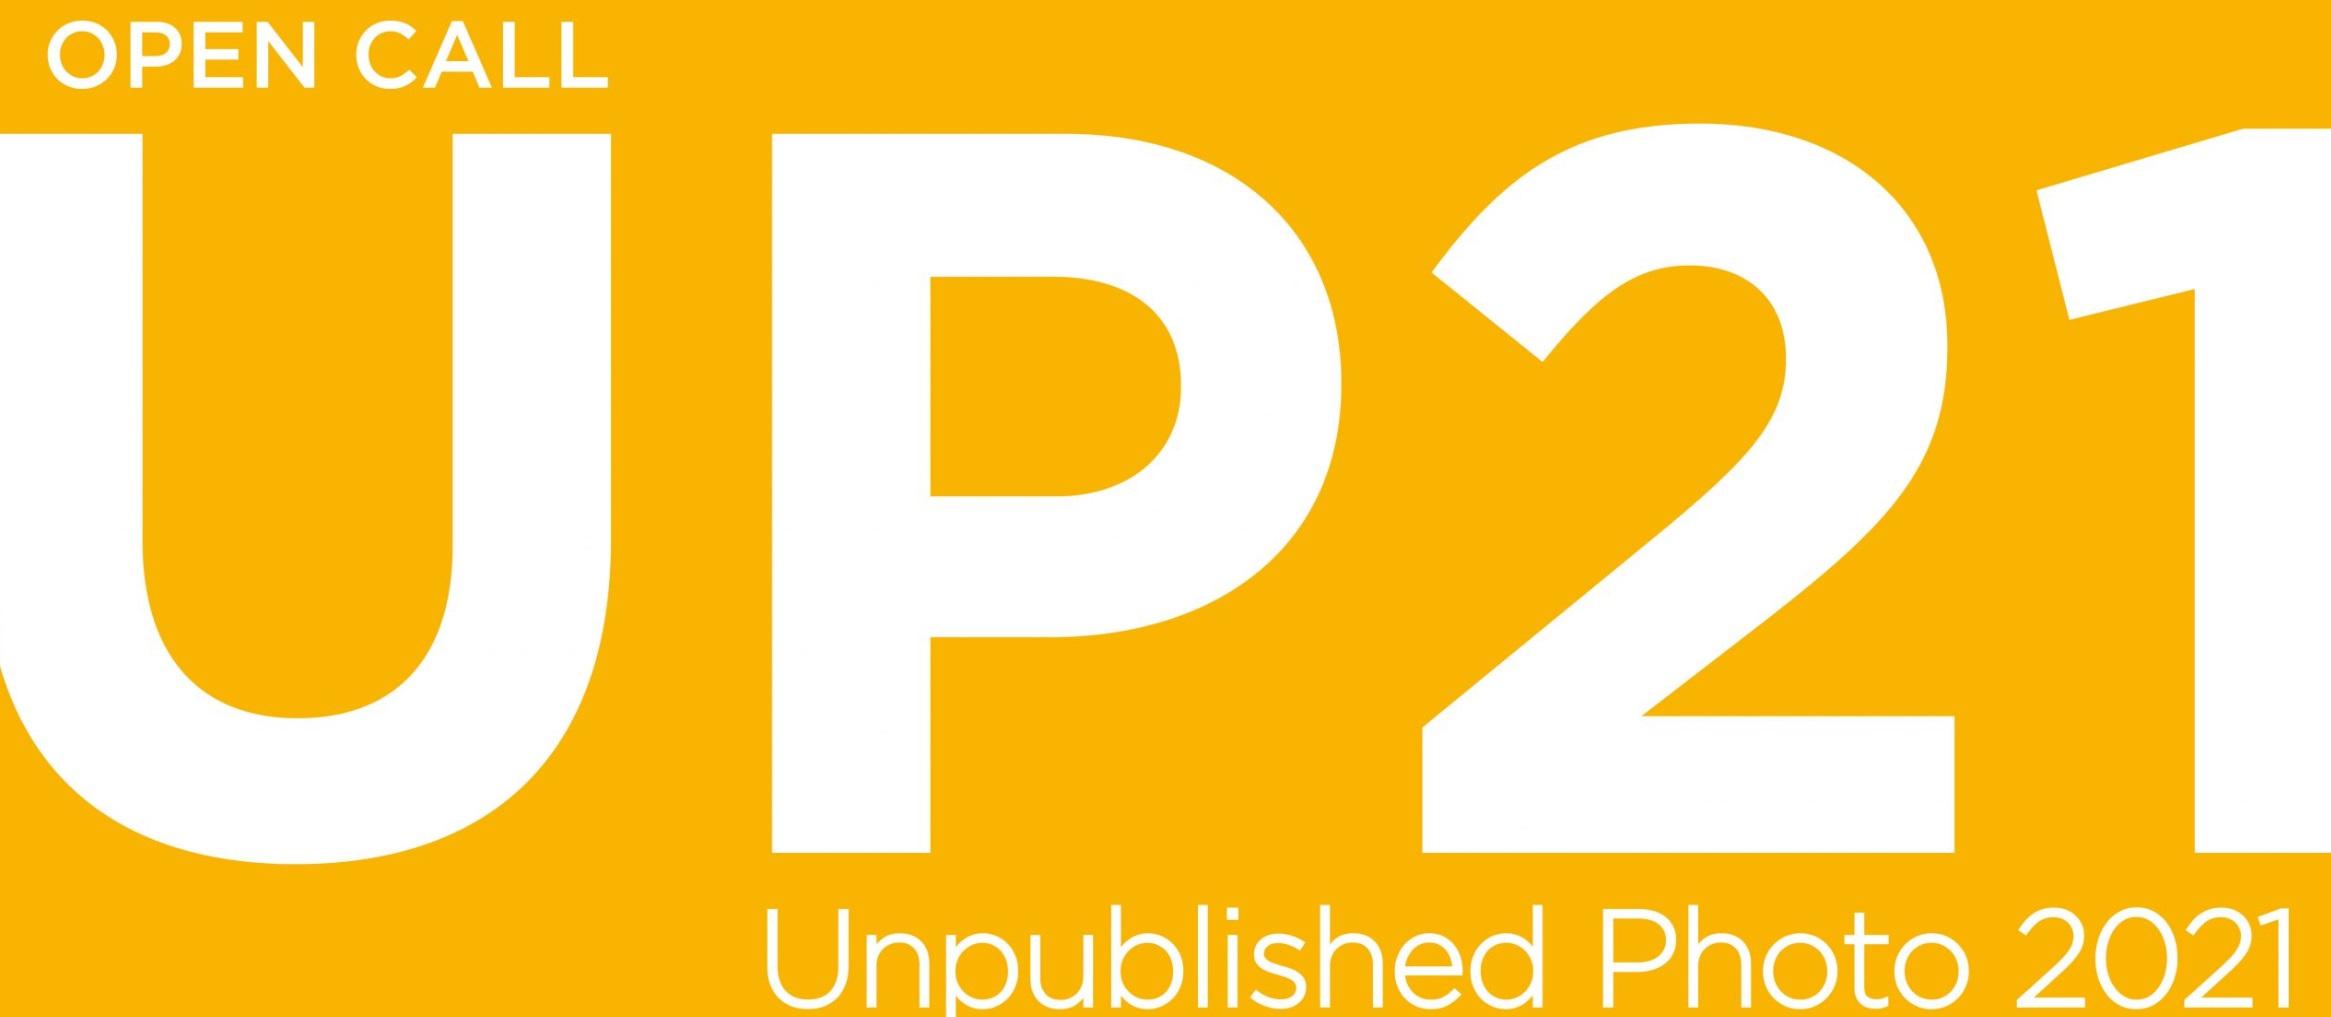 Unpublished Photo 2021 – UP2 - logo